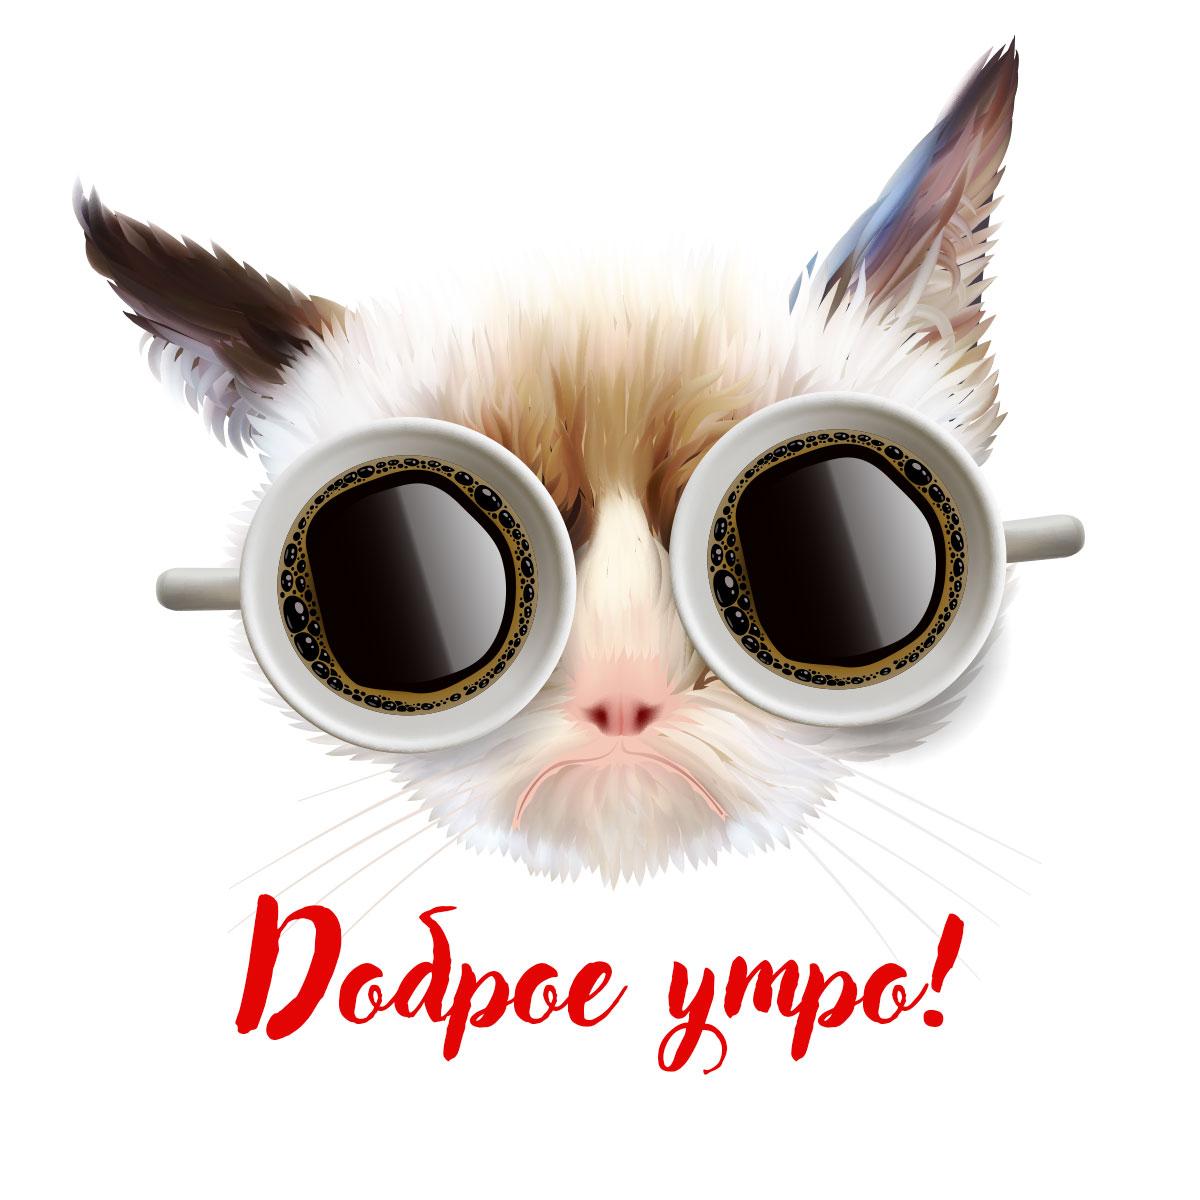 Кошачья морда в очках из двух чашек чёрного кофе.